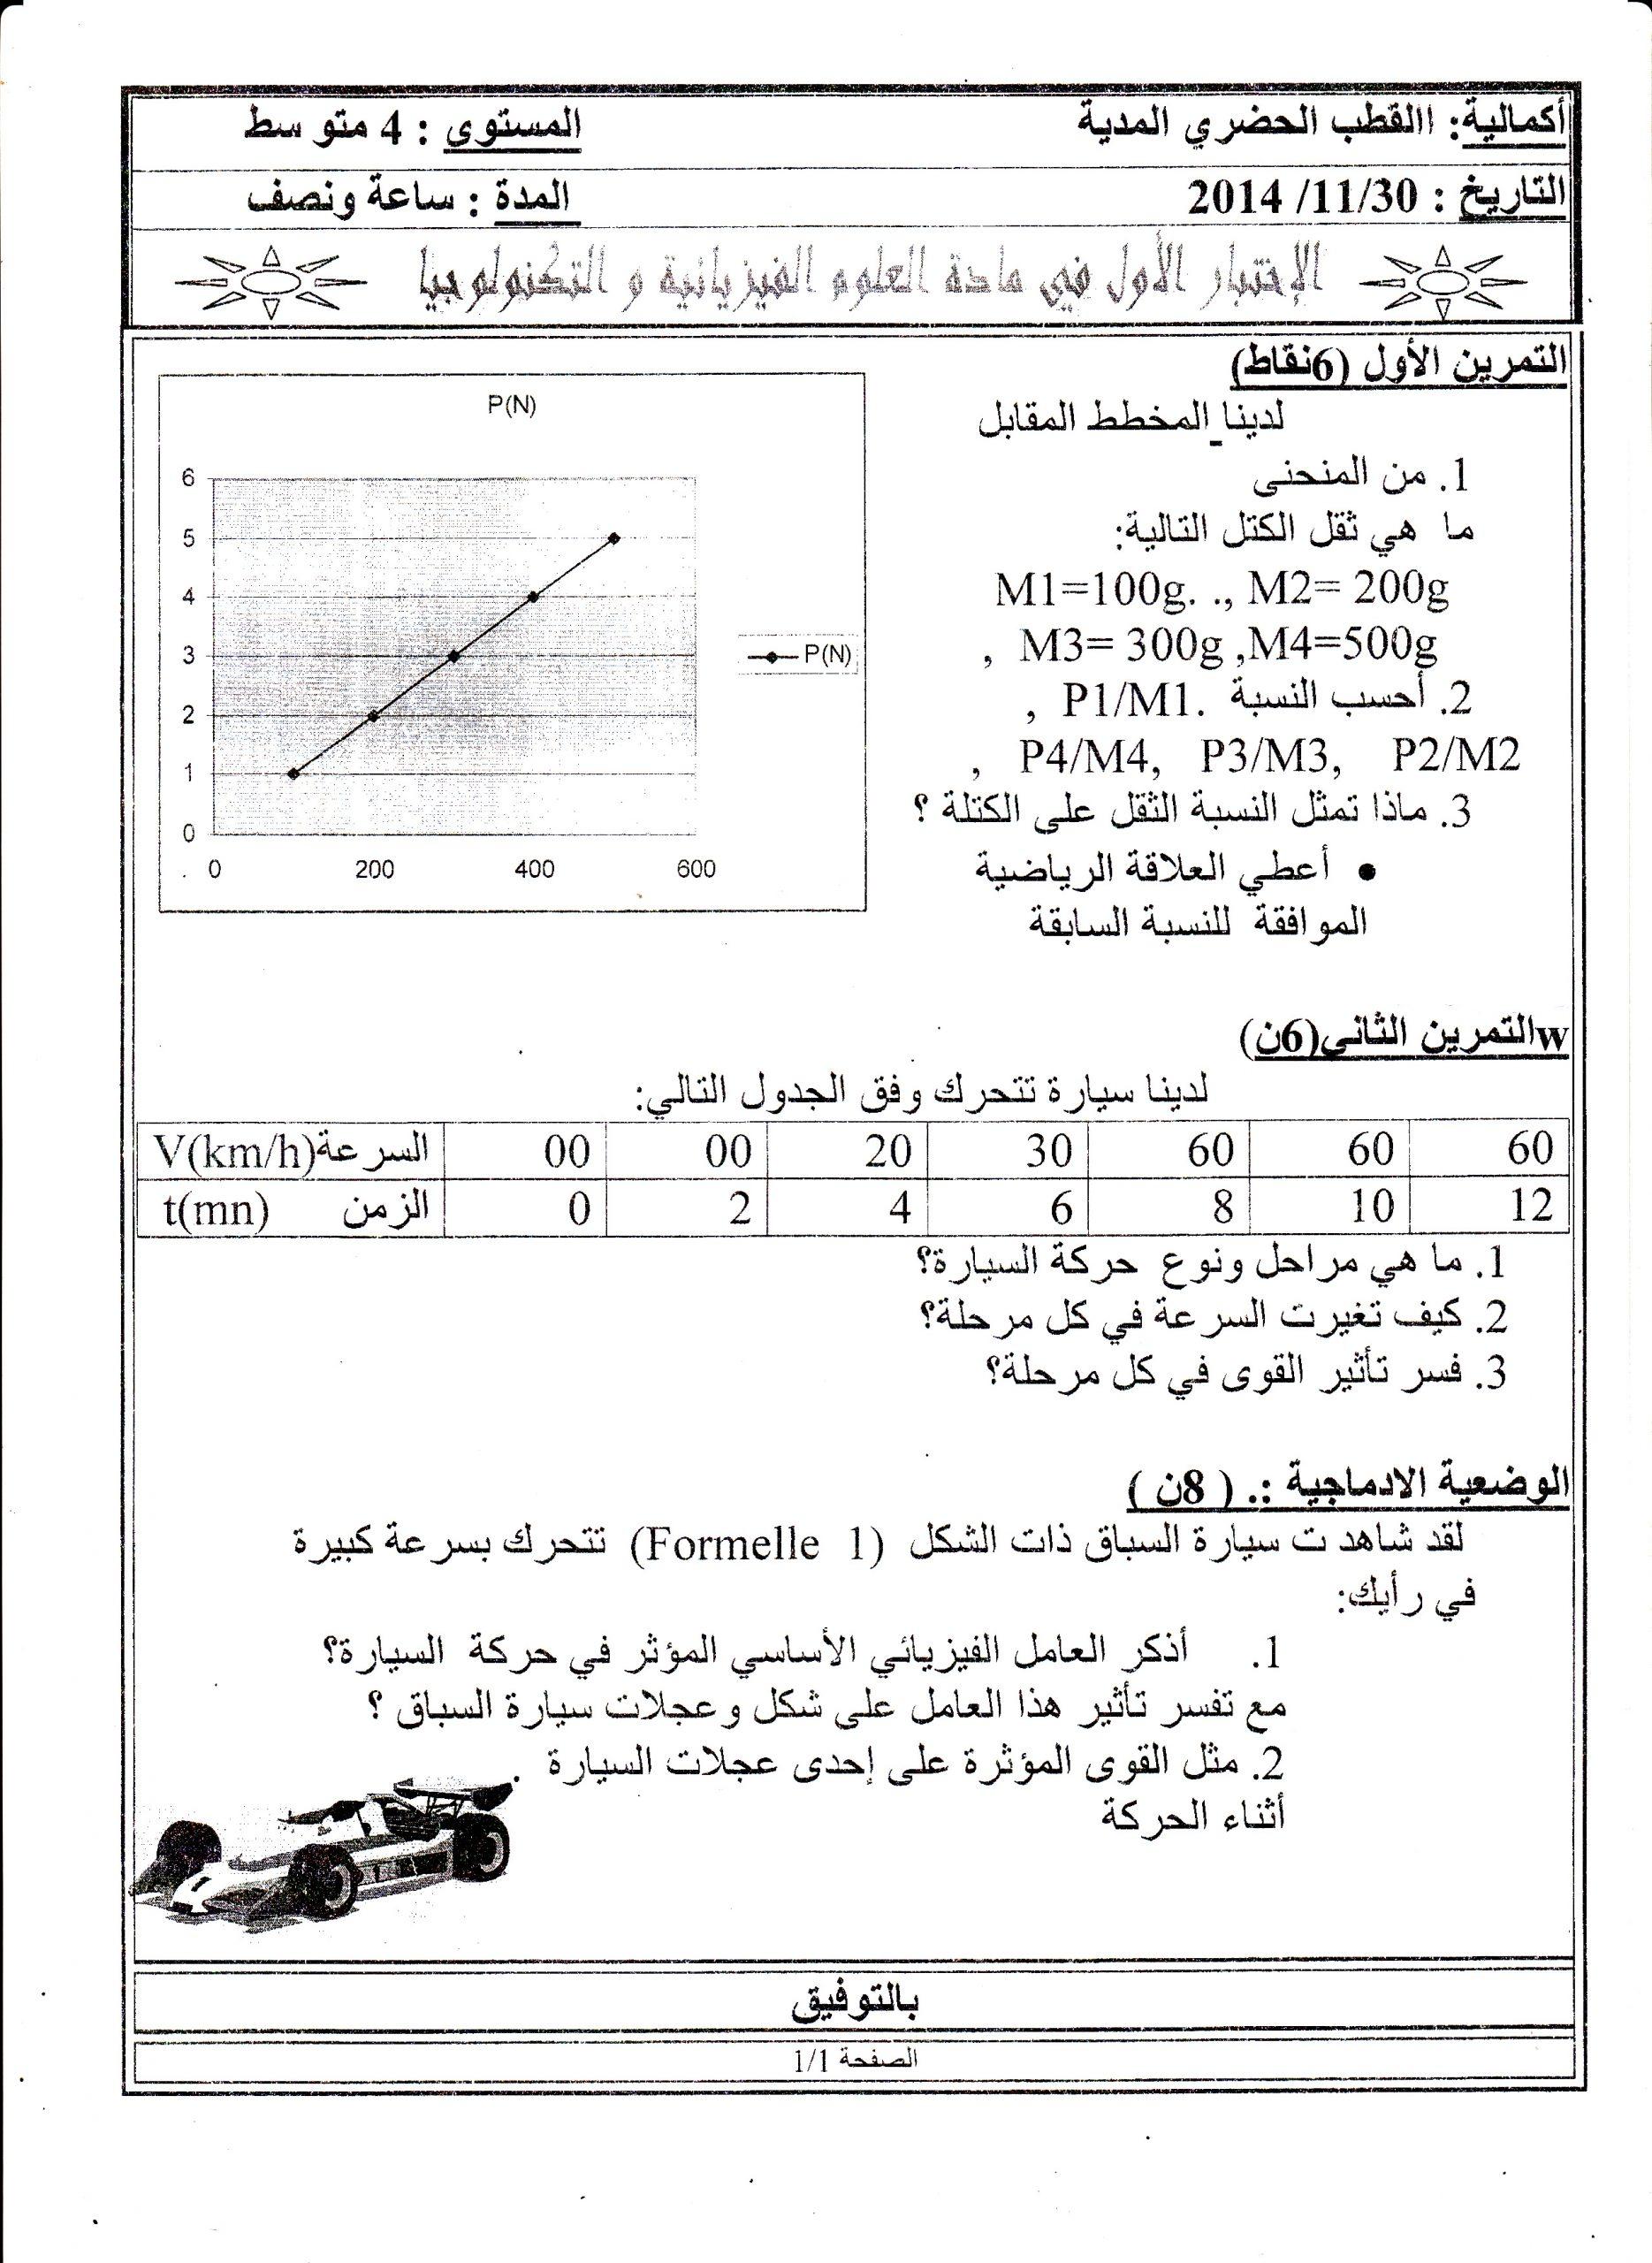 اختبارات الفصل الأول في مادة العلوم الفيزيائية مع الحل الرابعة متوسط   الموضوع 08